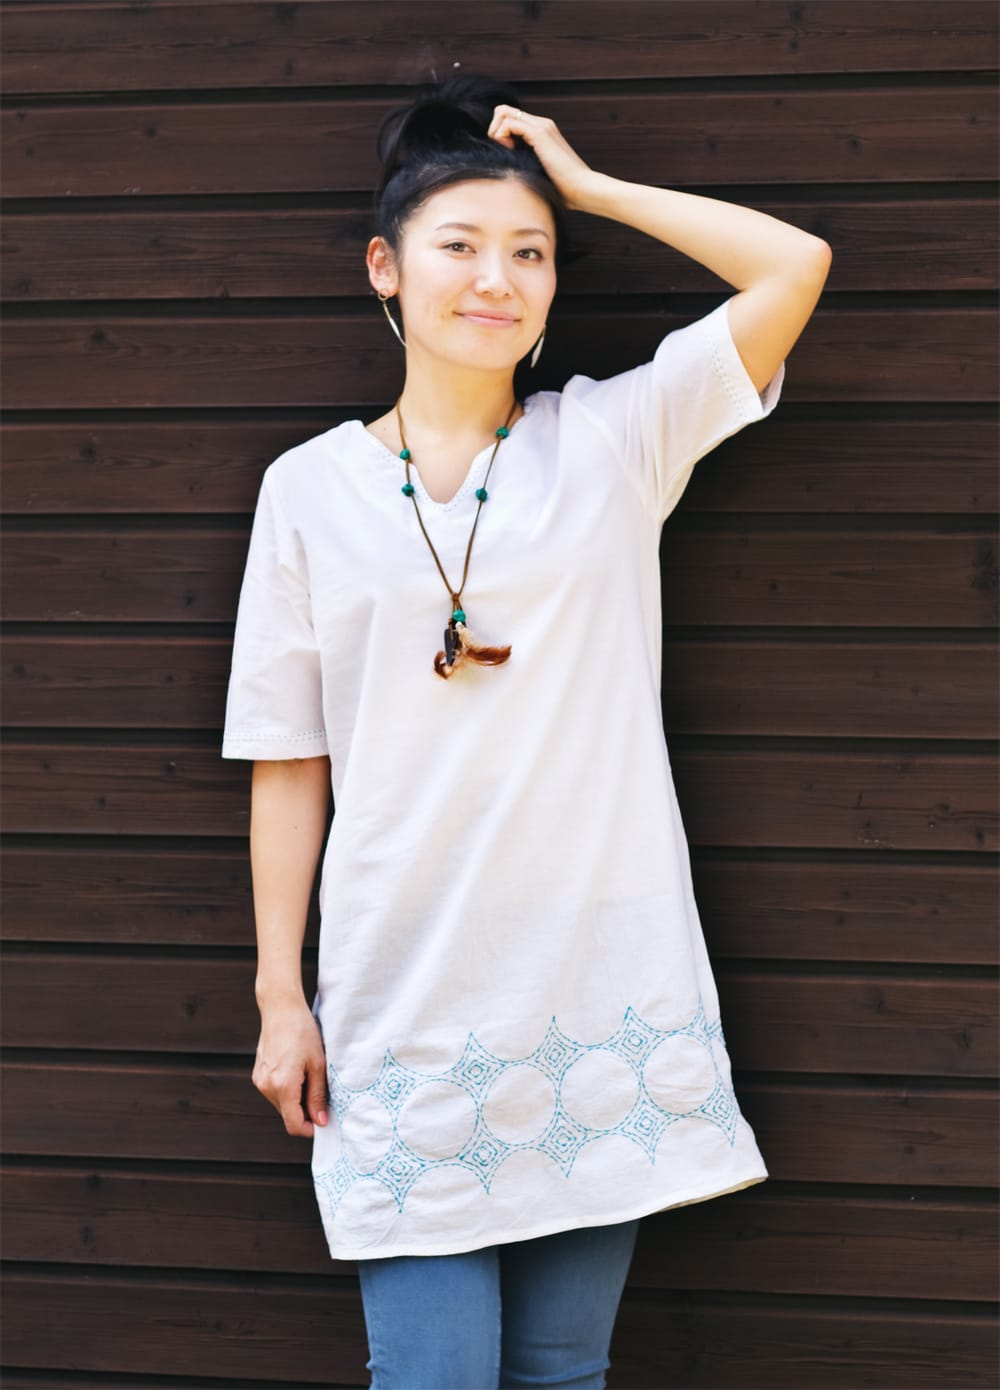 シンプルホワイトクルティ 白い生地に映える色付き刺繍 8 - どちらの色も素敵です。写真は、モデルさん身長:165cmです。